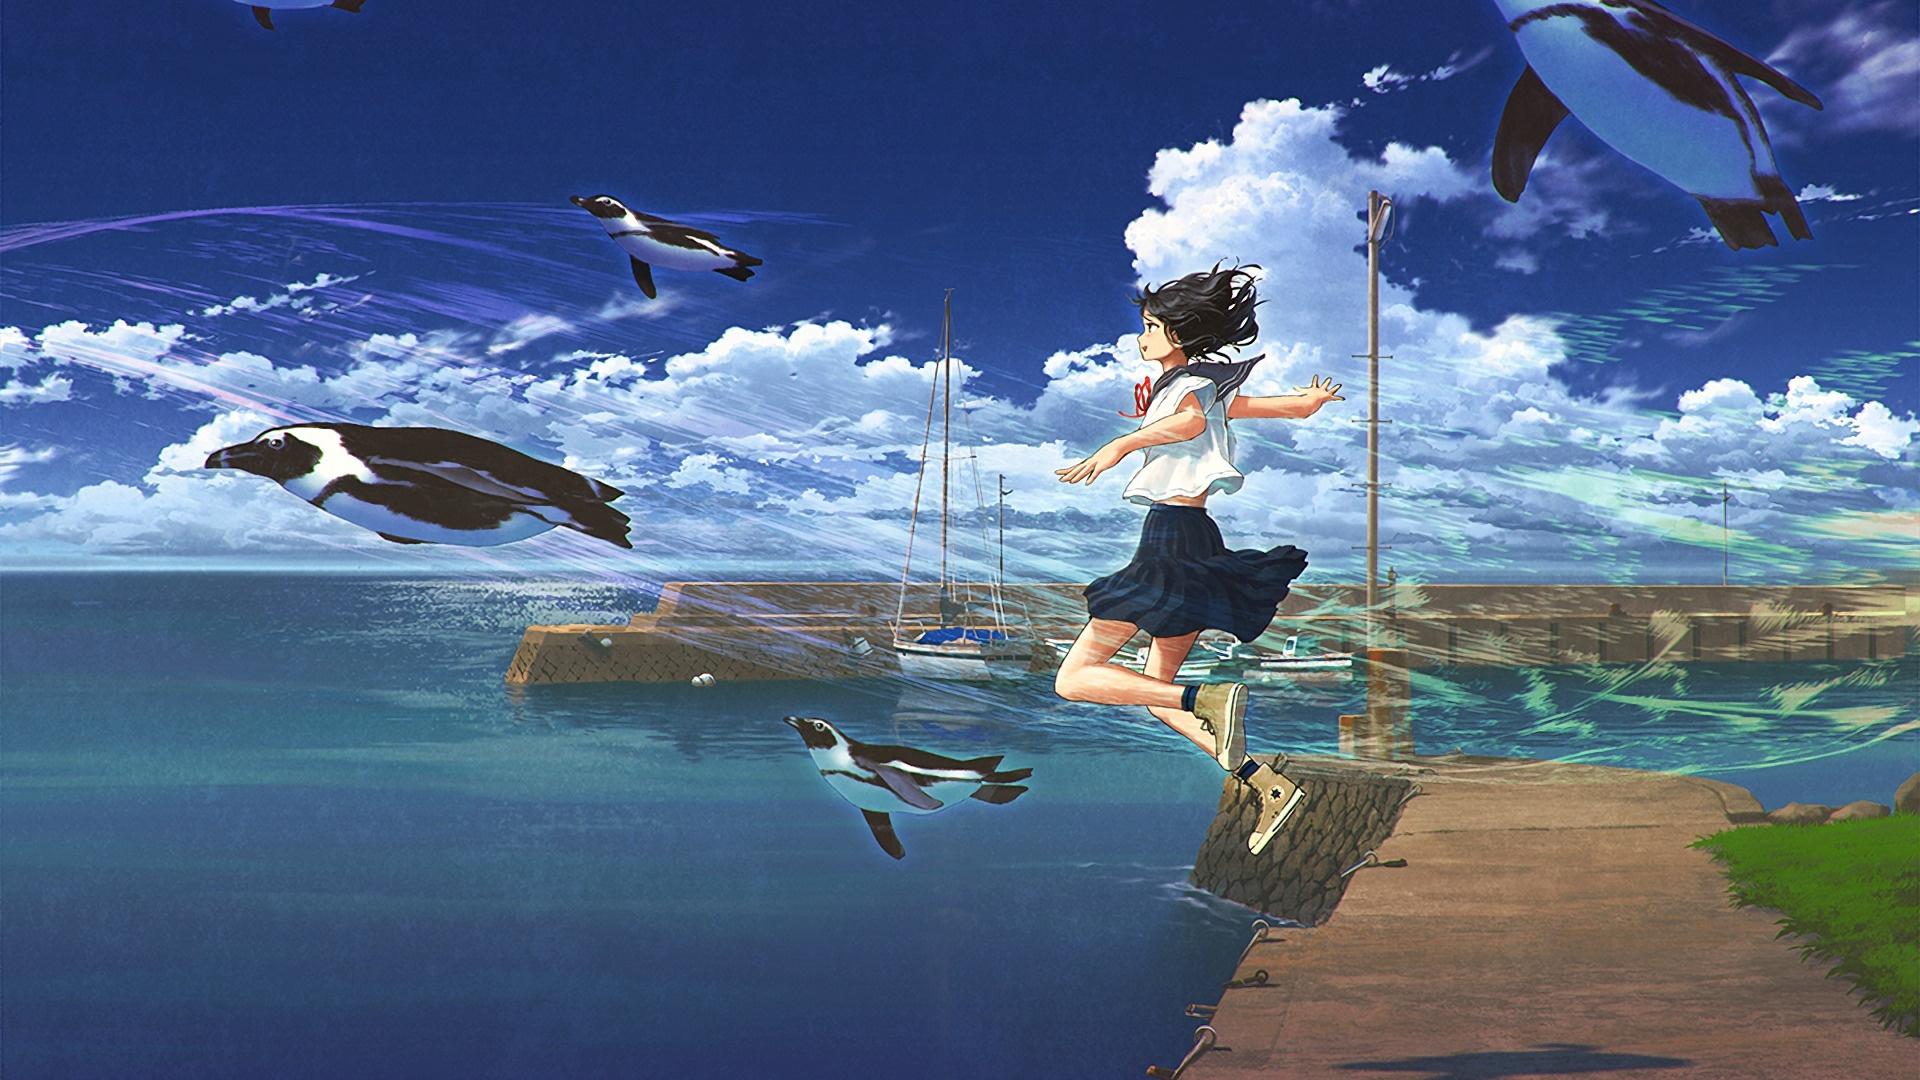 Anime Girls Flying wallpaper for pc